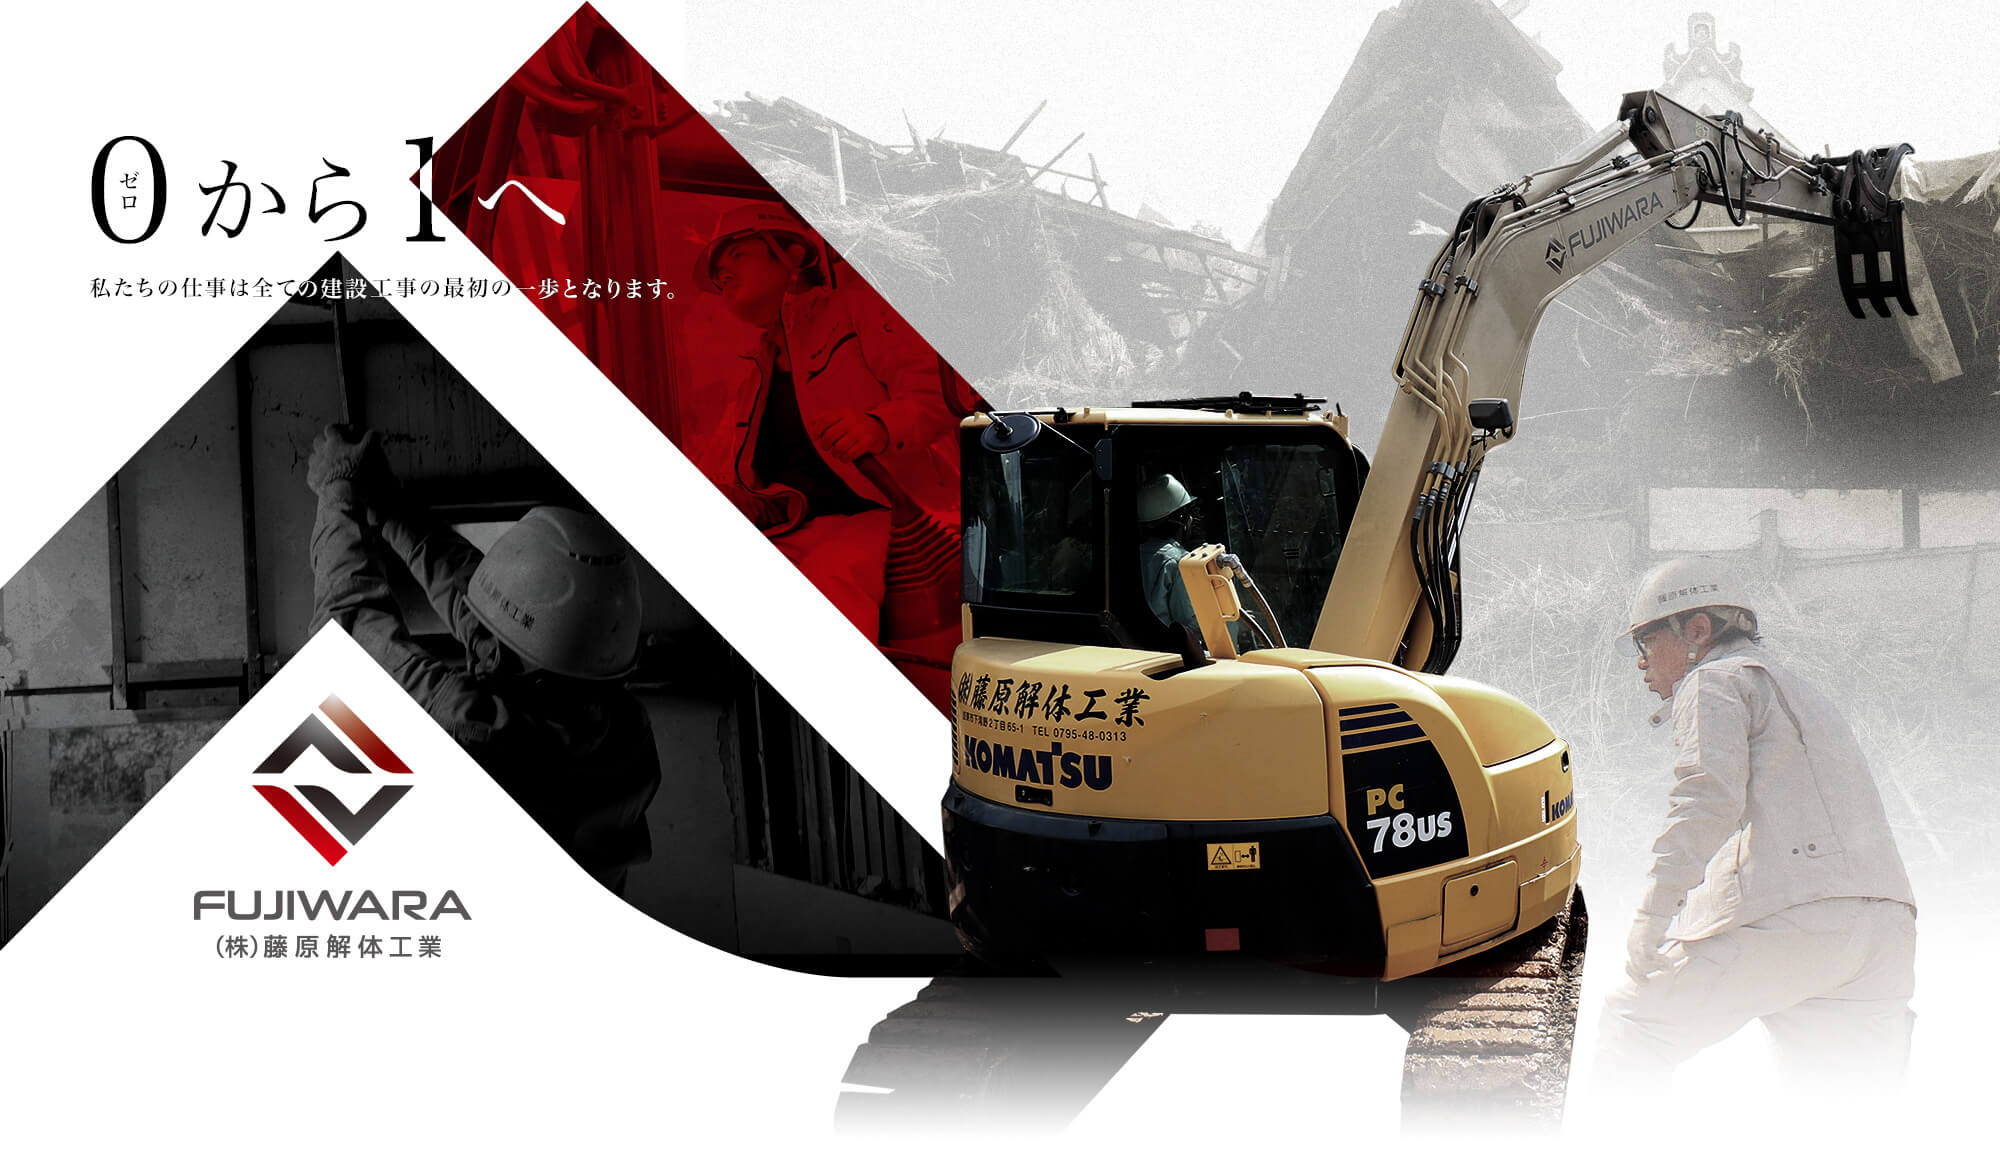 0から1へ 私達の仕事は全ての建設工事の最初に一歩となります。